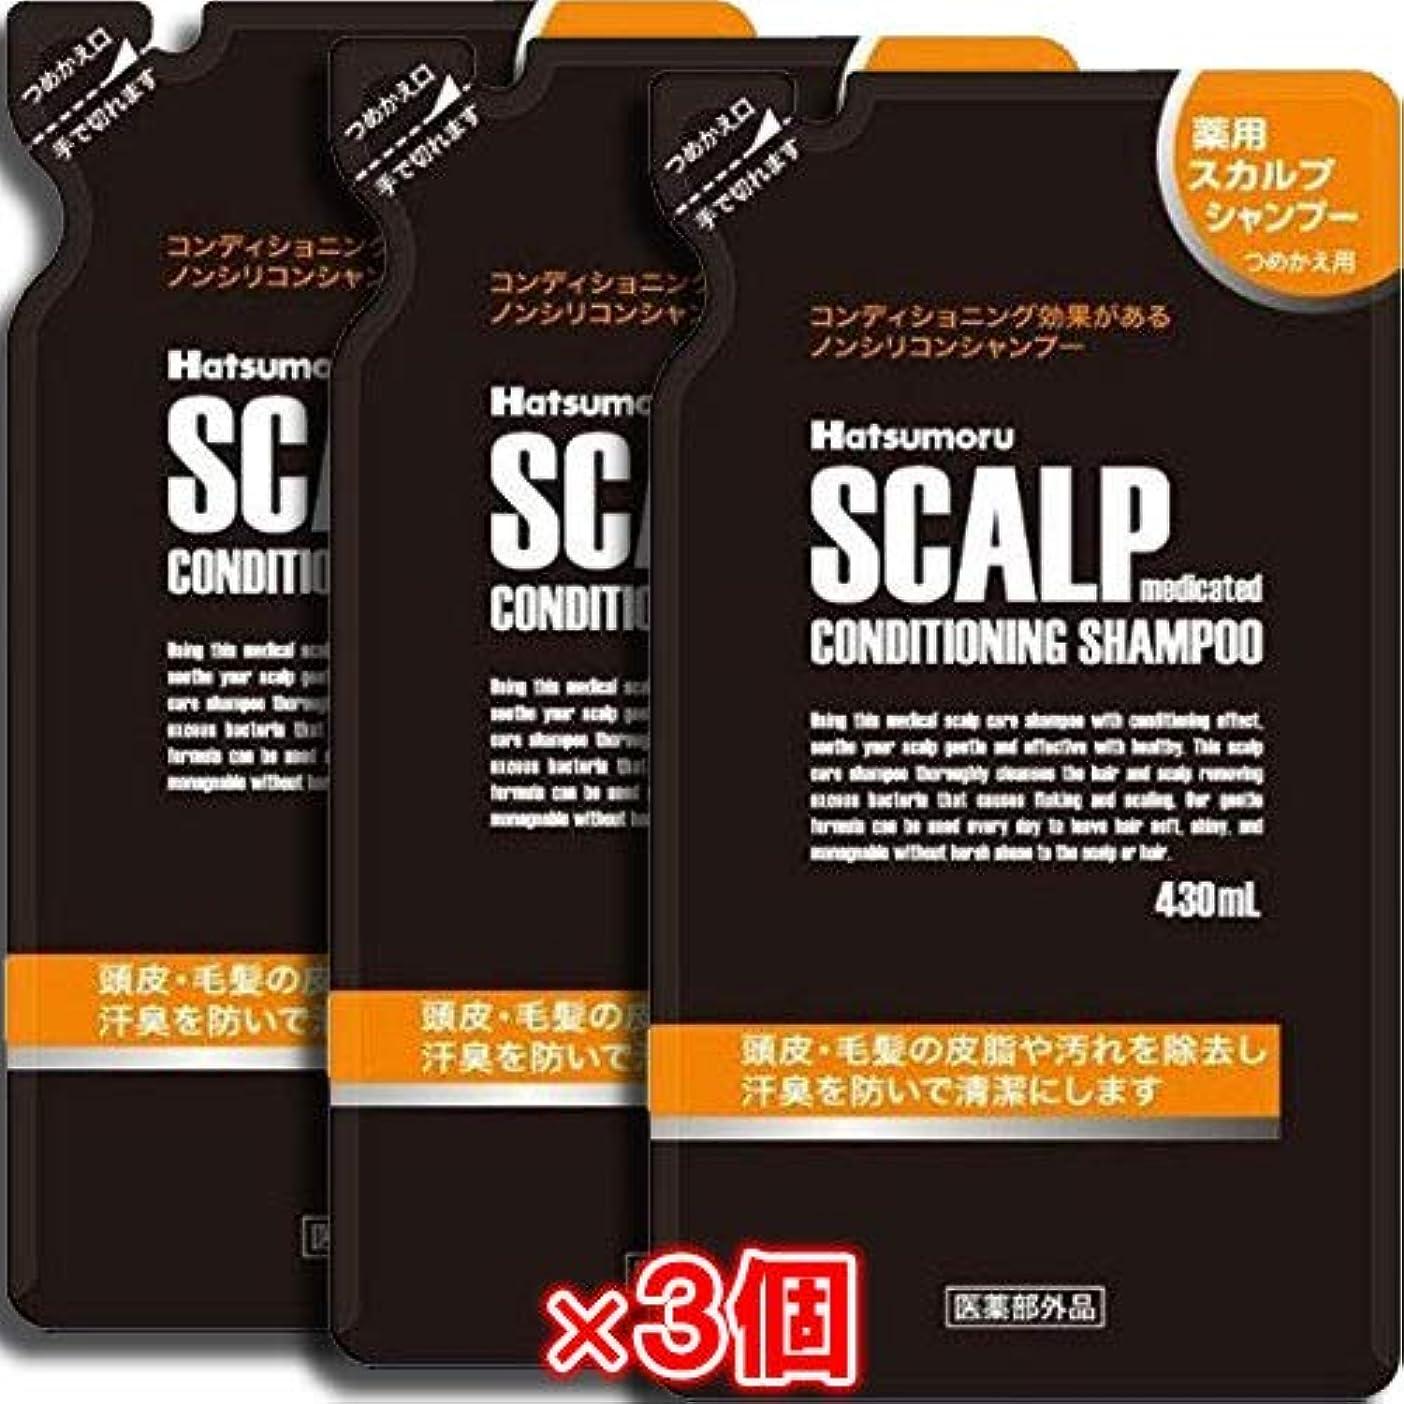 資料弱い変換【3個セット】ハツモール 薬用スカルプシャンプー 詰替用 430mL